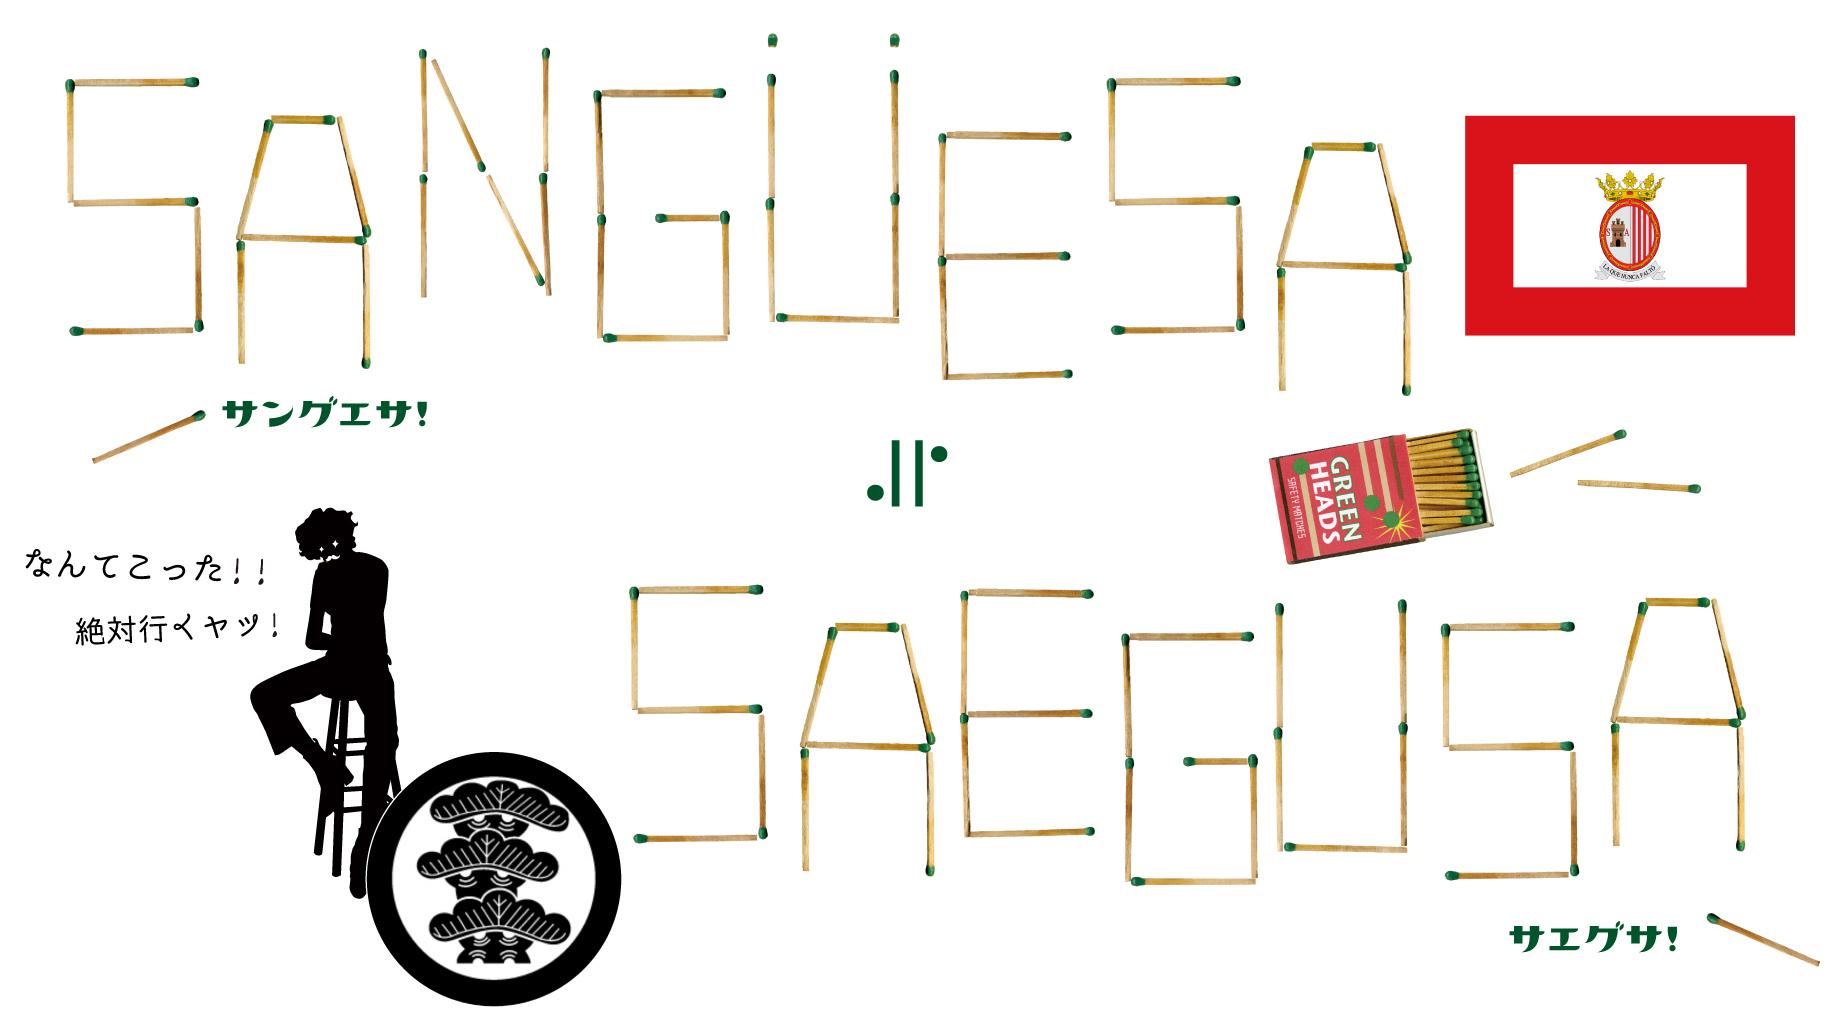 【驚愕の発見】ほぼほぼ「サエグサ」な町がスペインにあった!⇒『Sangüesa / Zangoza(サングエサ / サンゴサ)』!!_d0018646_23503893.jpg